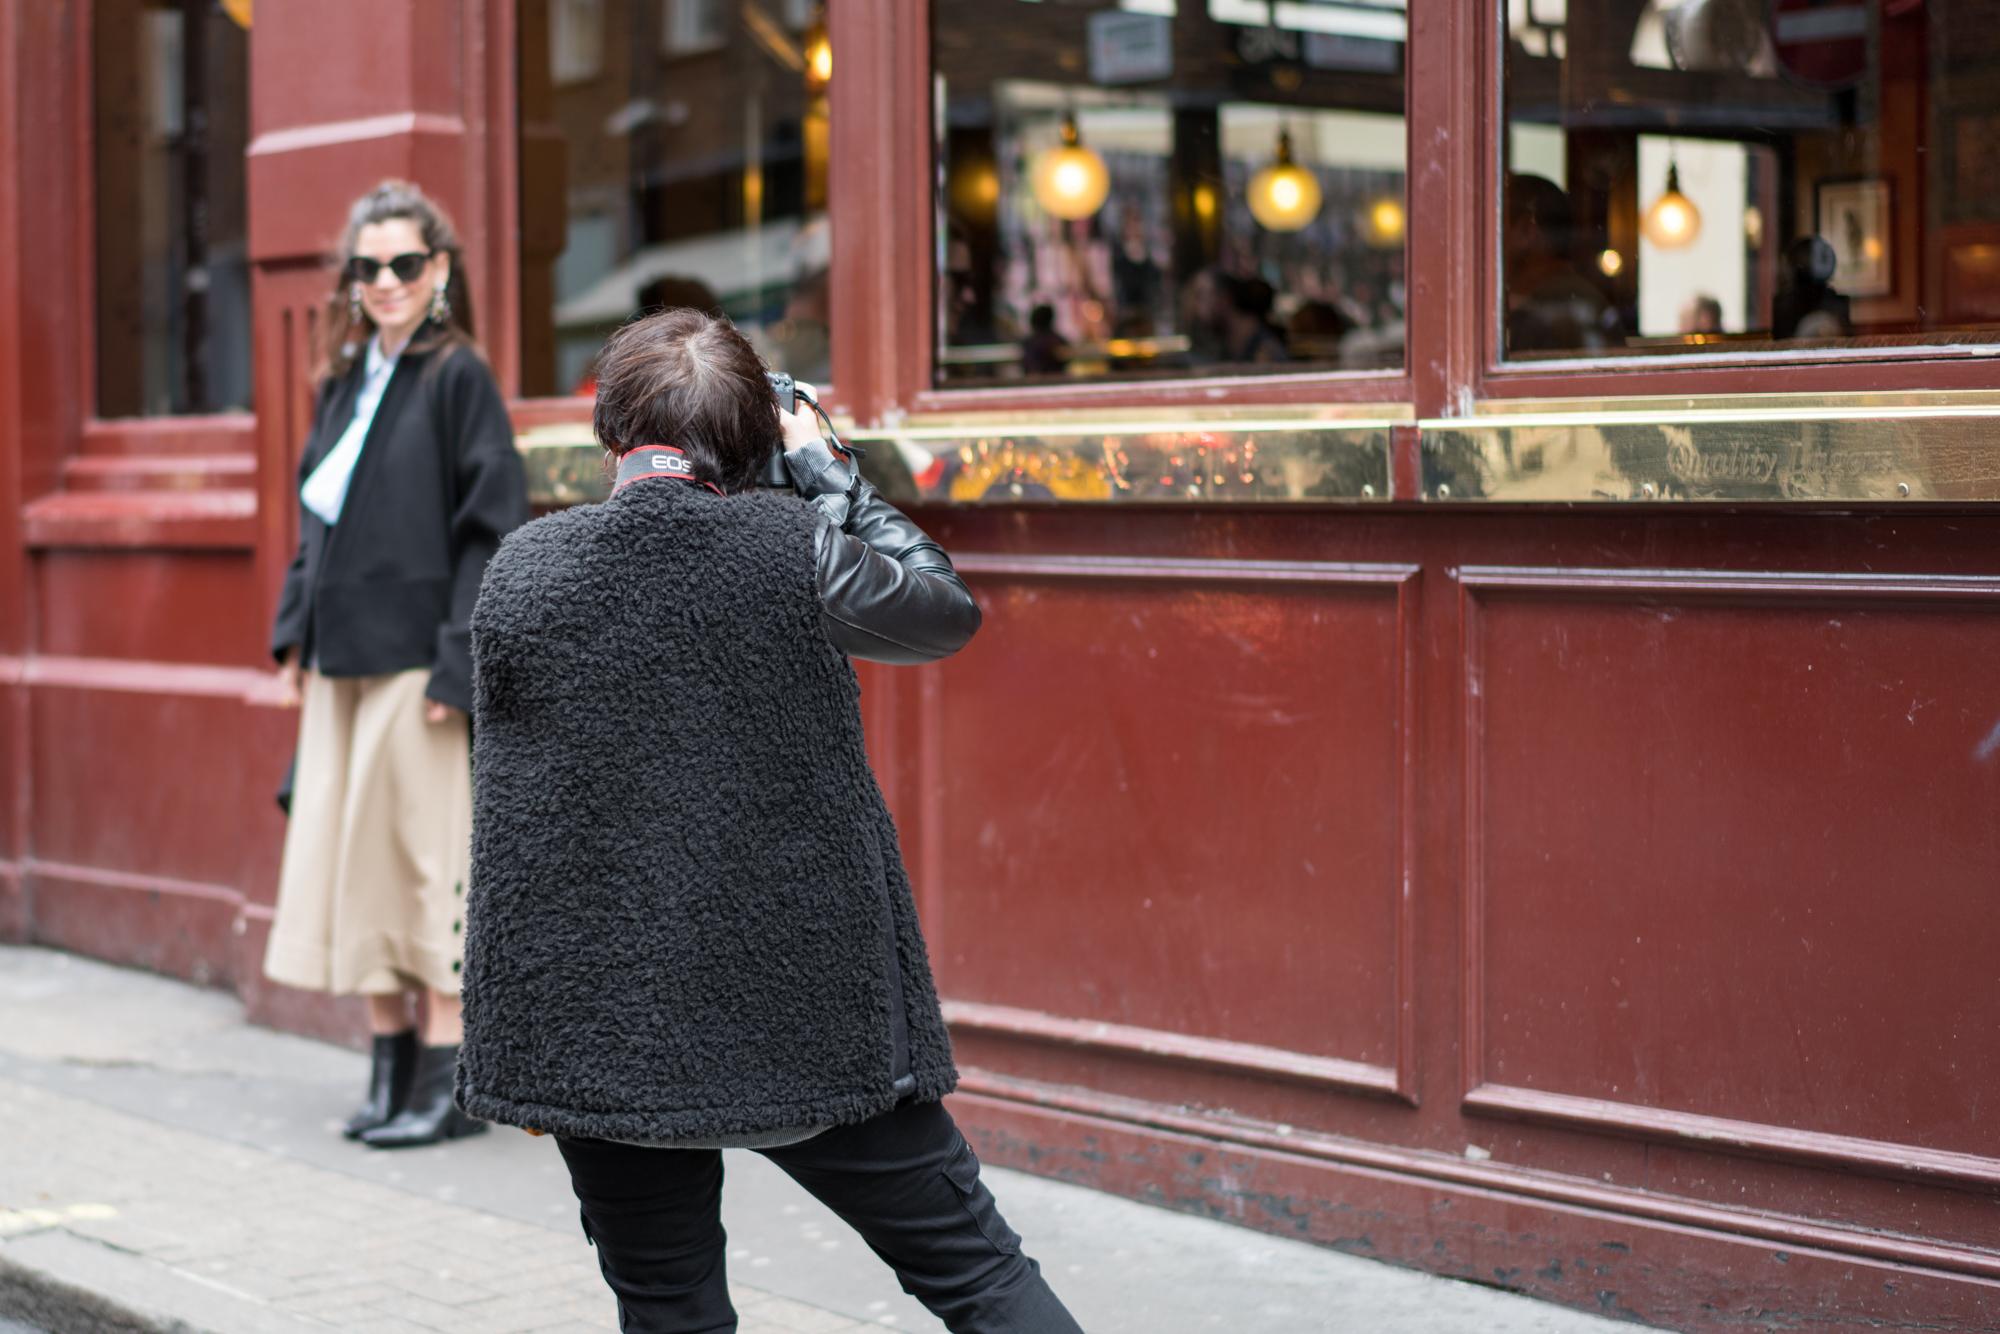 lfw, street style, london fashion week, sunglass hut, style, fashion, turkish style blogger, billur saatci, off ne giysem, mehtap elaidi, lug von siga, dolce gabbana, loeffler randall